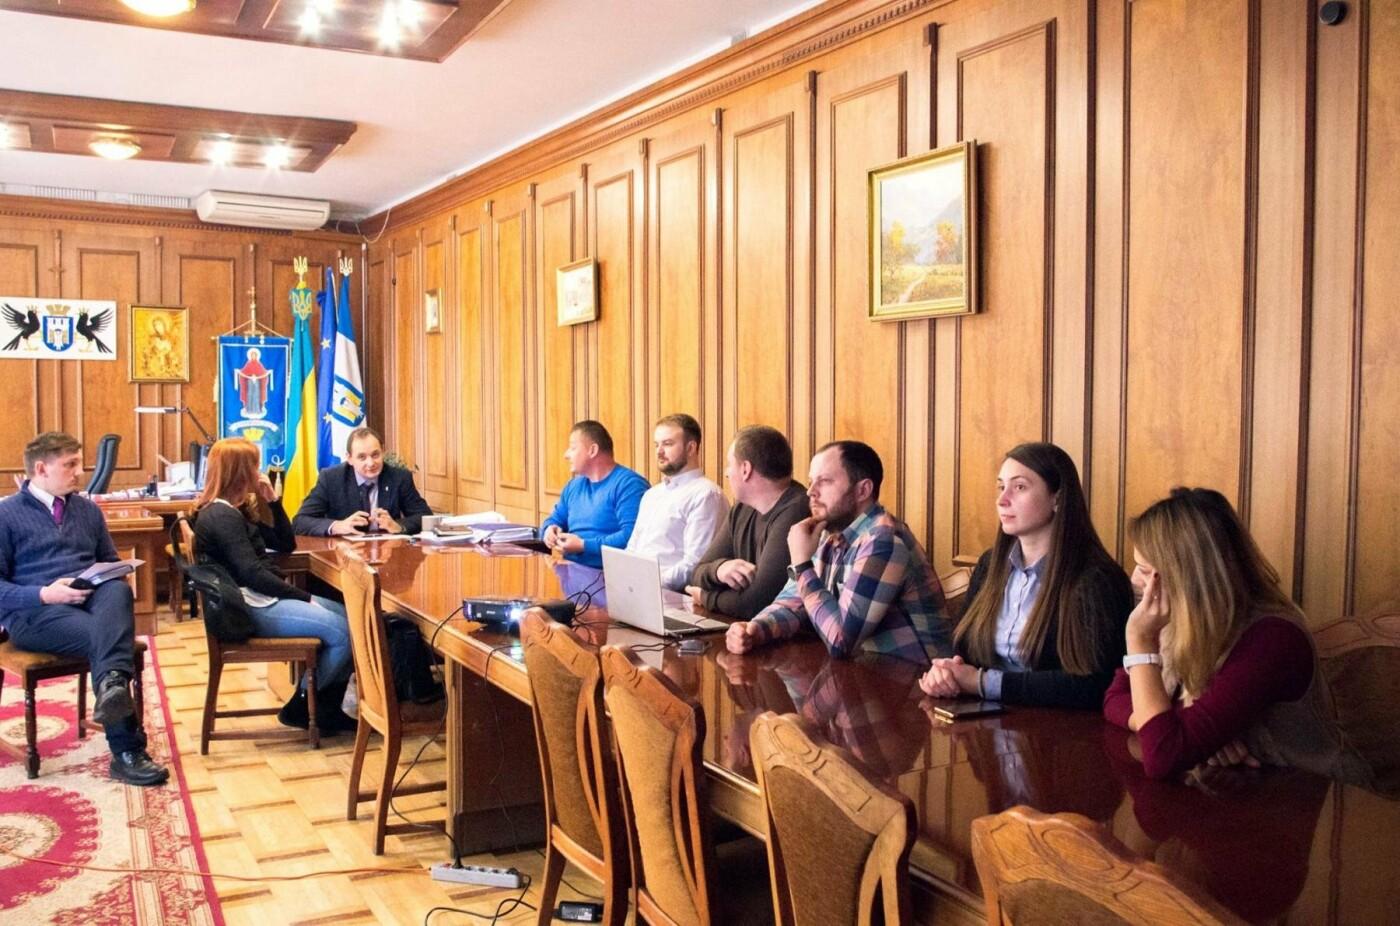 Марцінків збирається розвинути в Івано-Франківську IT-сферу. ФОТО, фото-3